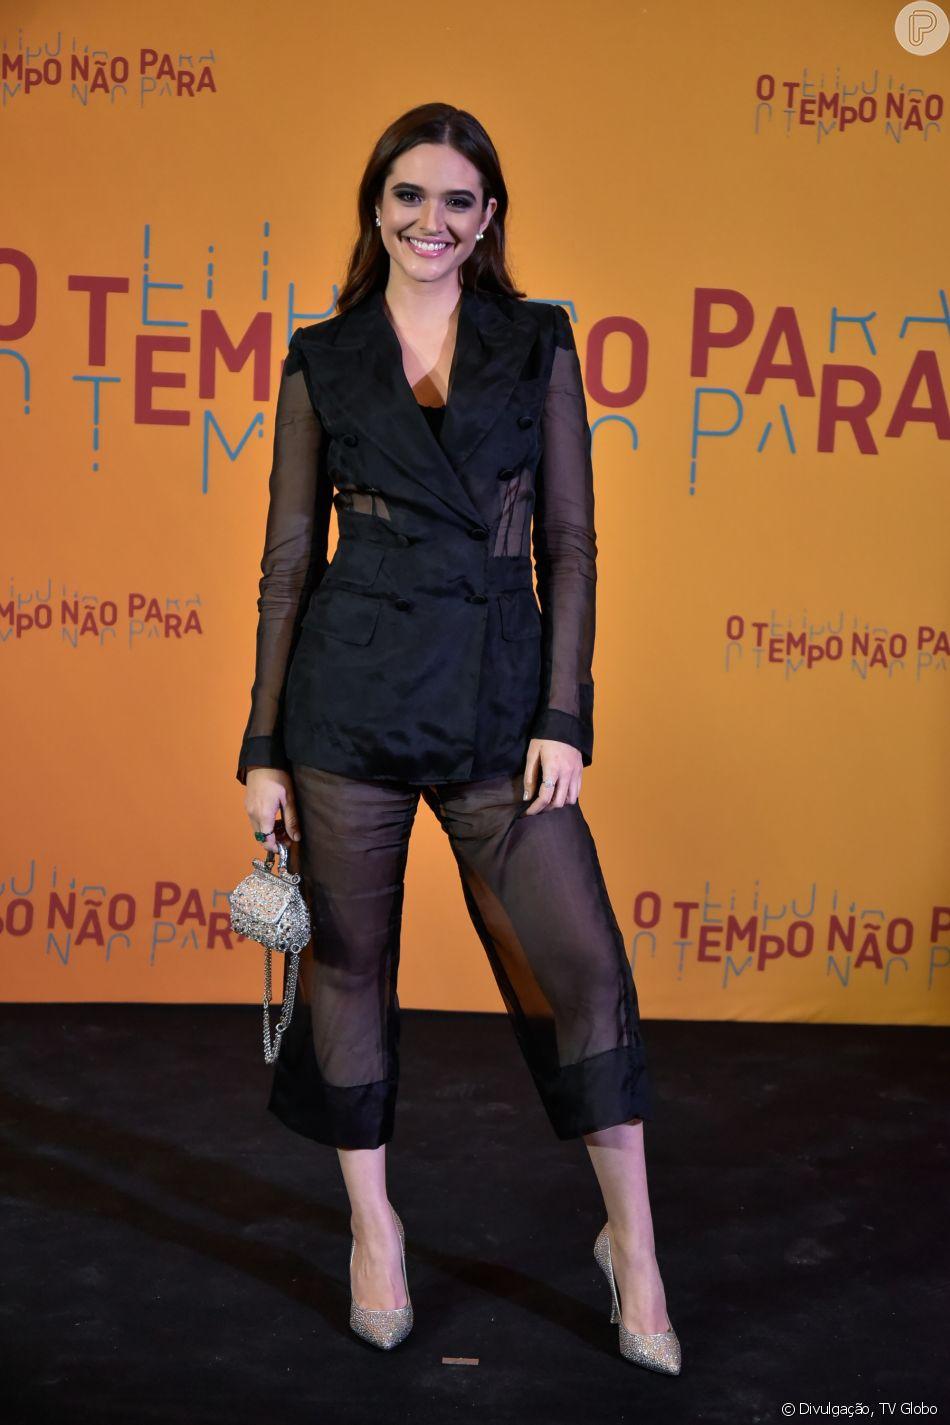 e91eca5ec3 Juliana Paiva usou look Dolce   Gabbana no lançamento da novela  O Tempo  Não Para